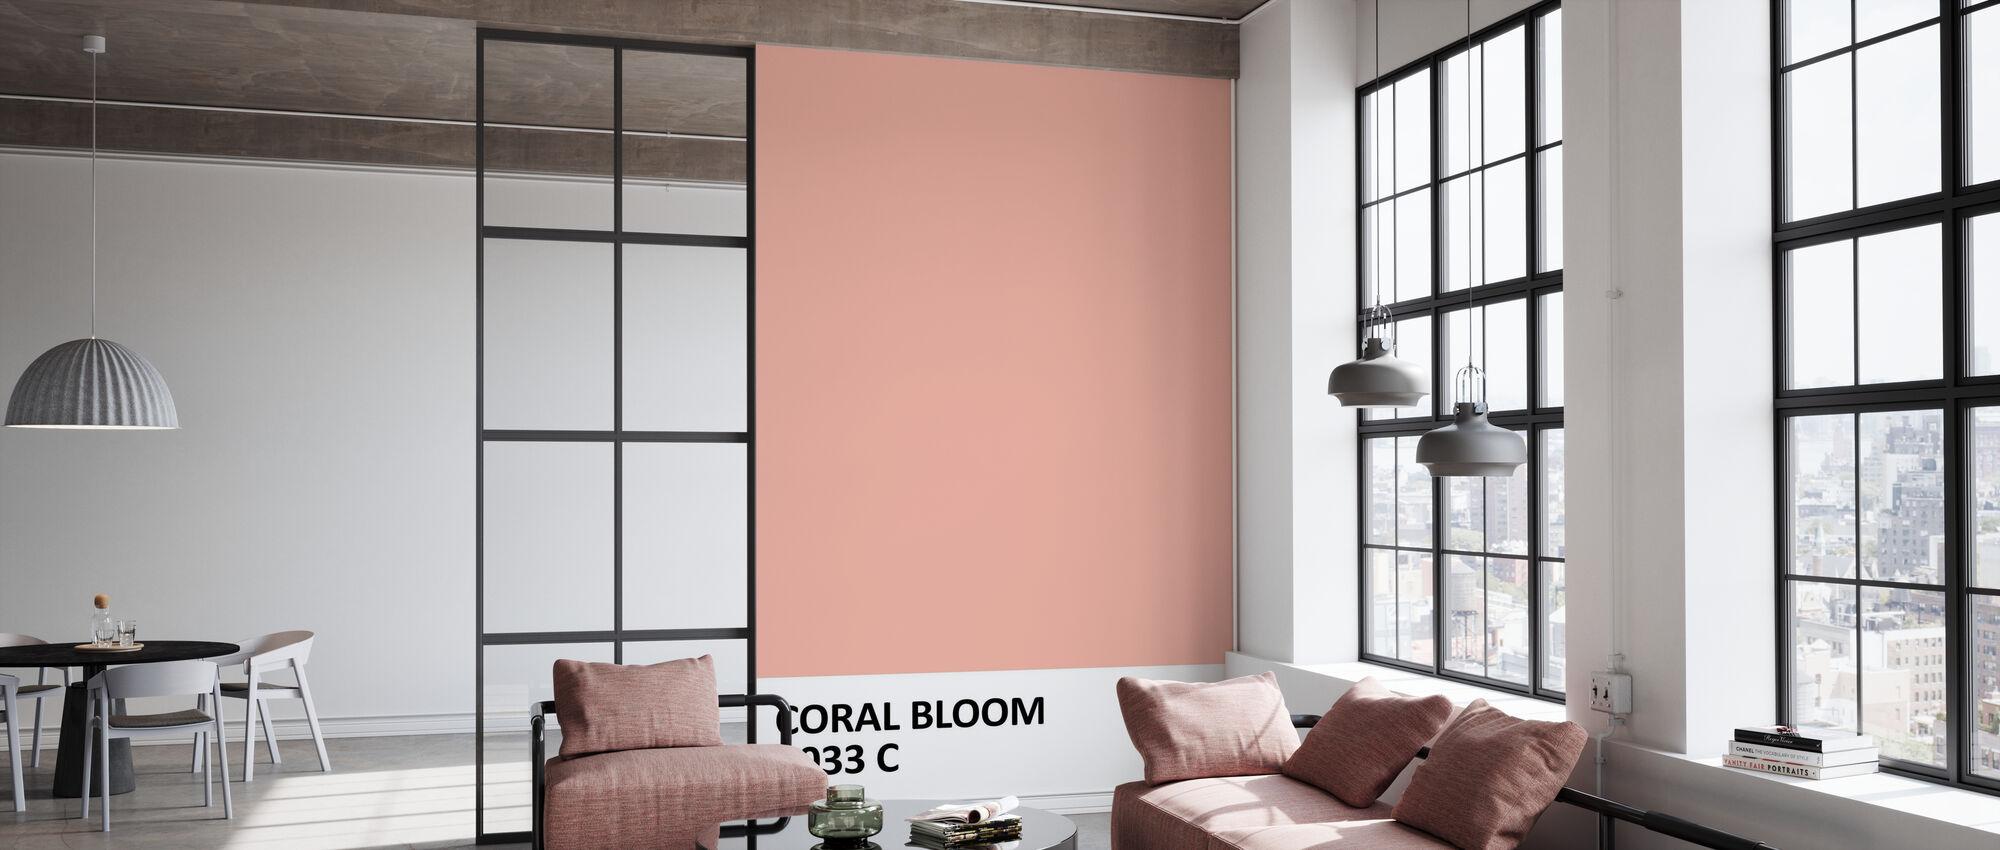 Verf Koraal Bloom - Behang - Kantoor